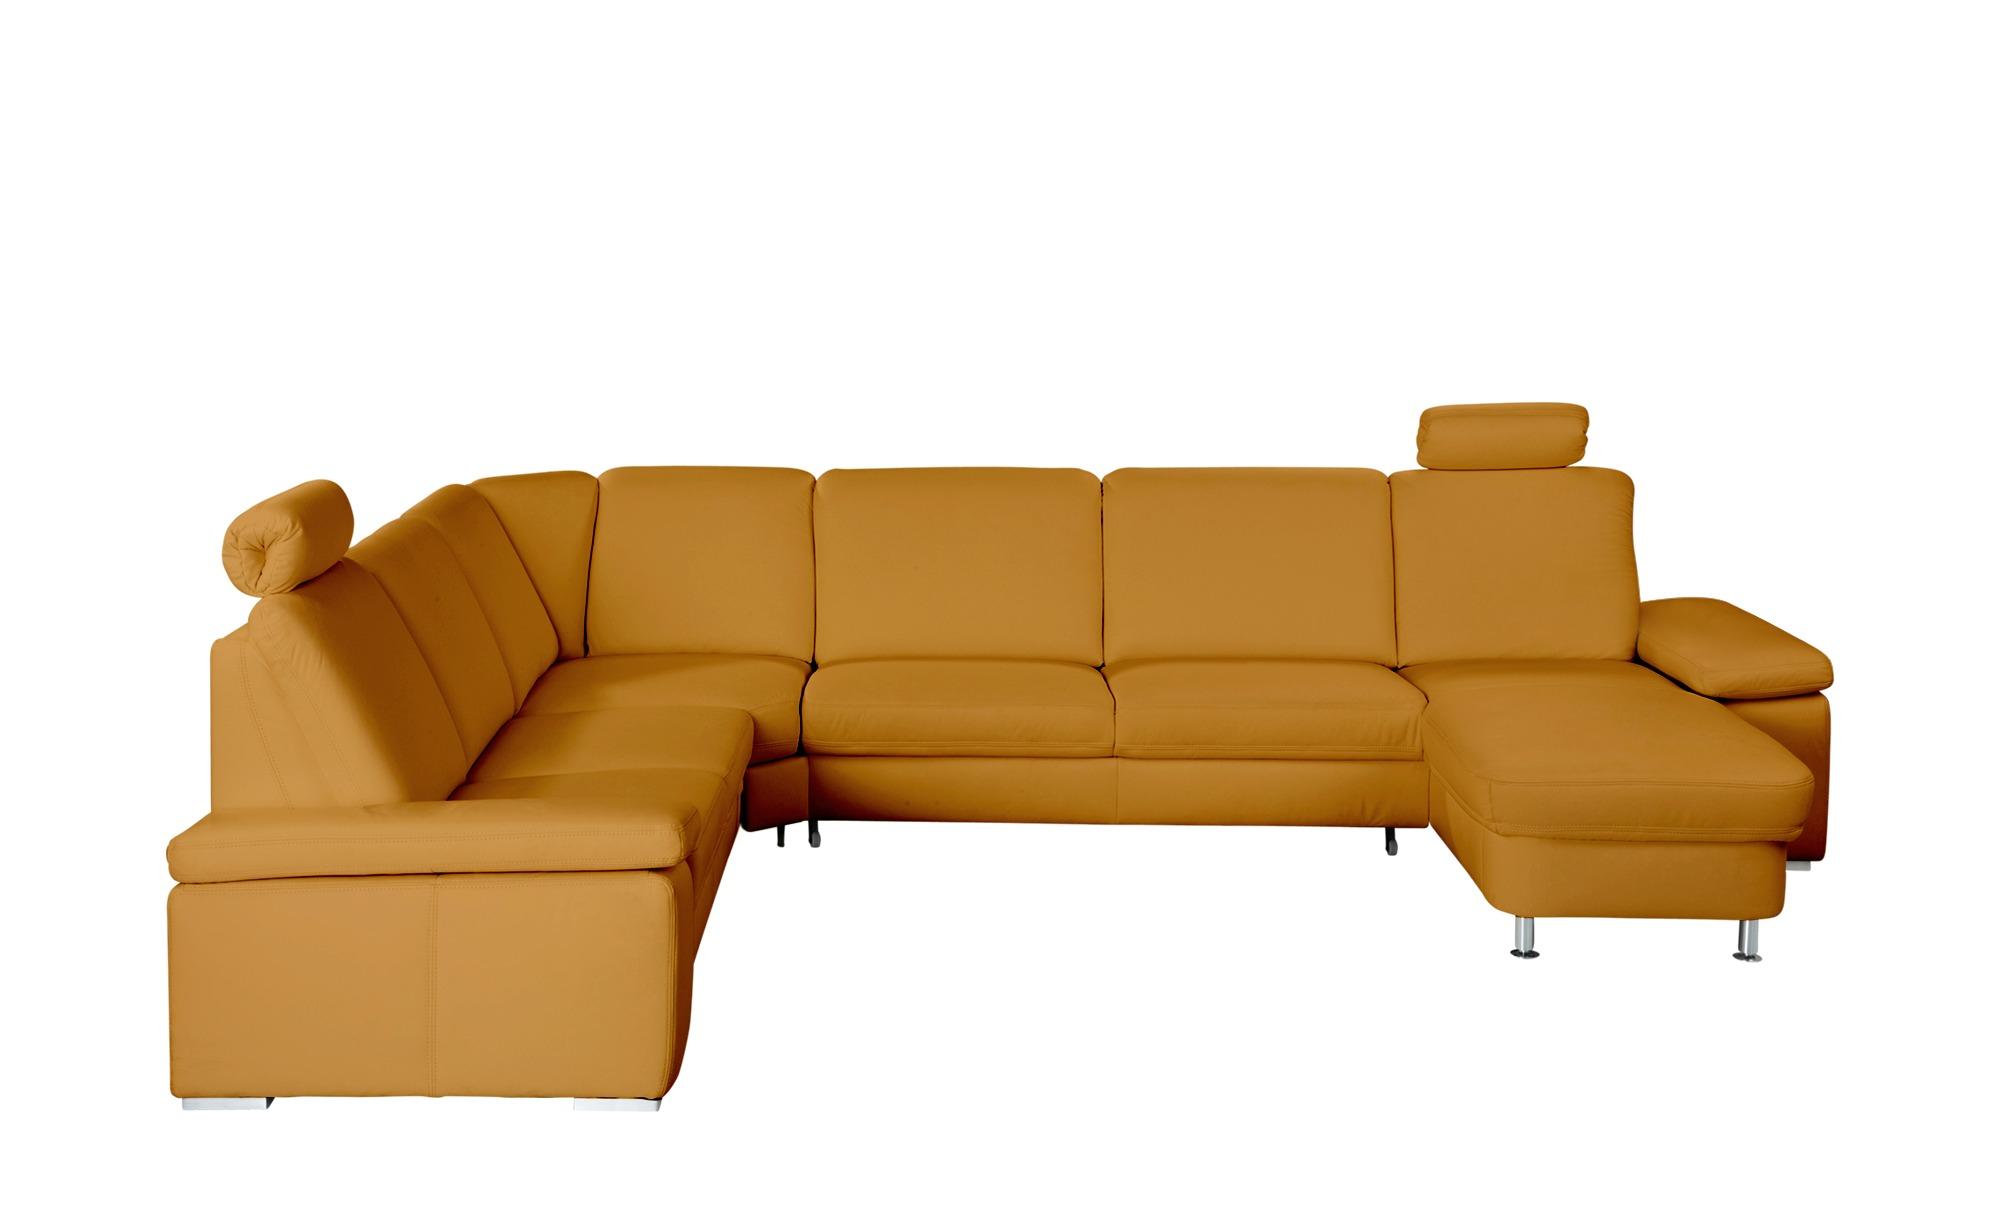 meinsofa leder eckcouch mit funktion elsa breite h he 91 cm gelb online kaufen bei woonio. Black Bedroom Furniture Sets. Home Design Ideas